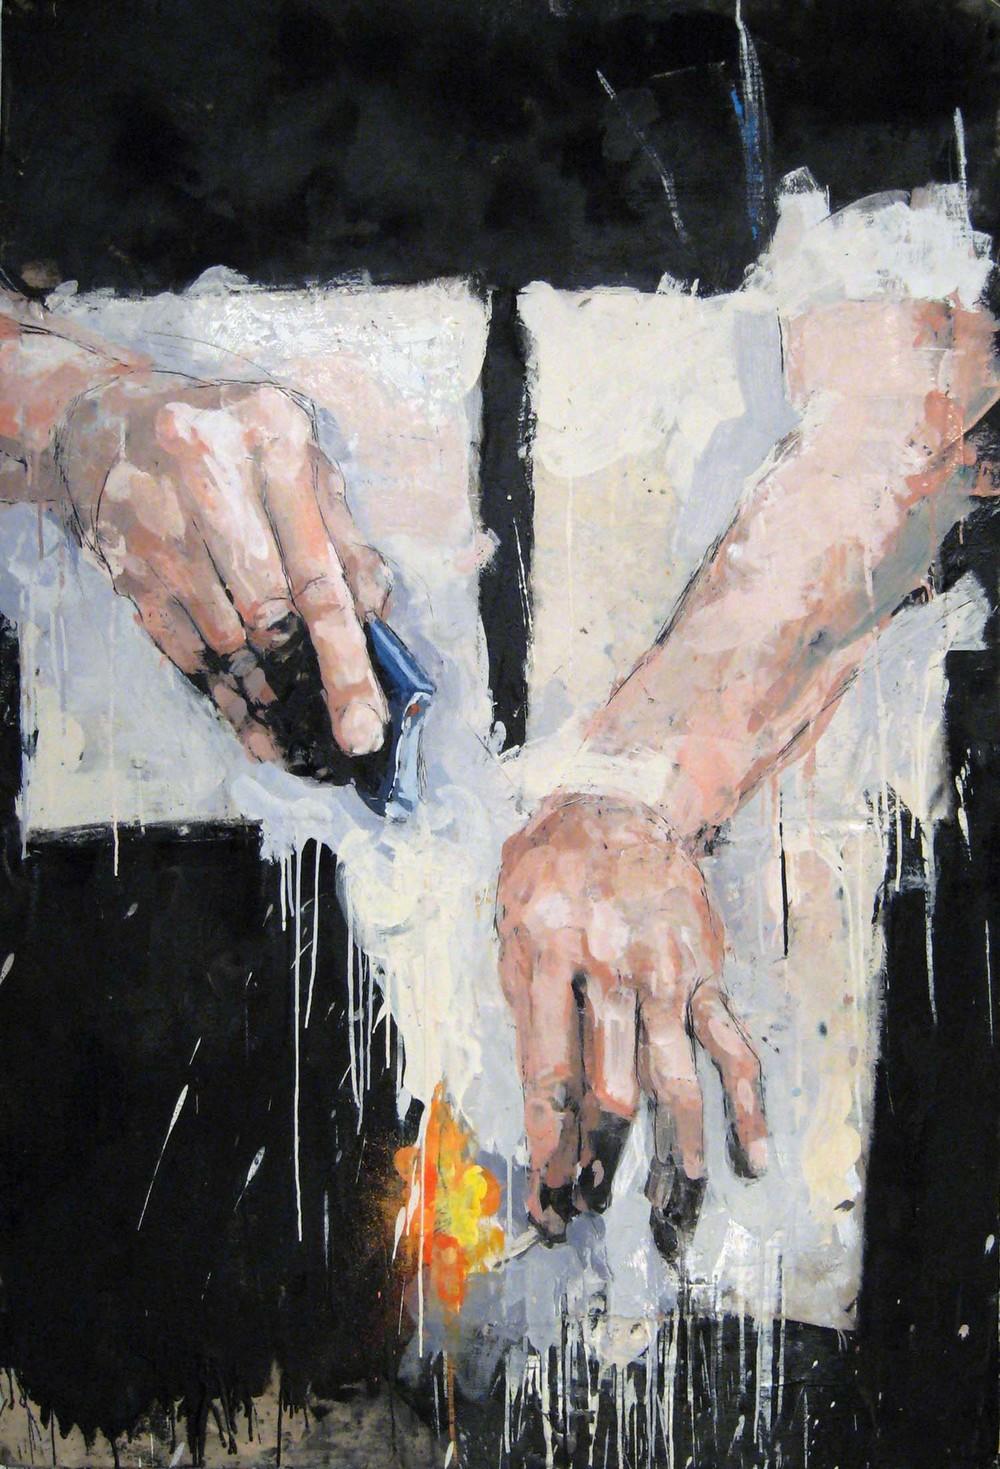 HANDS #2 (2007)